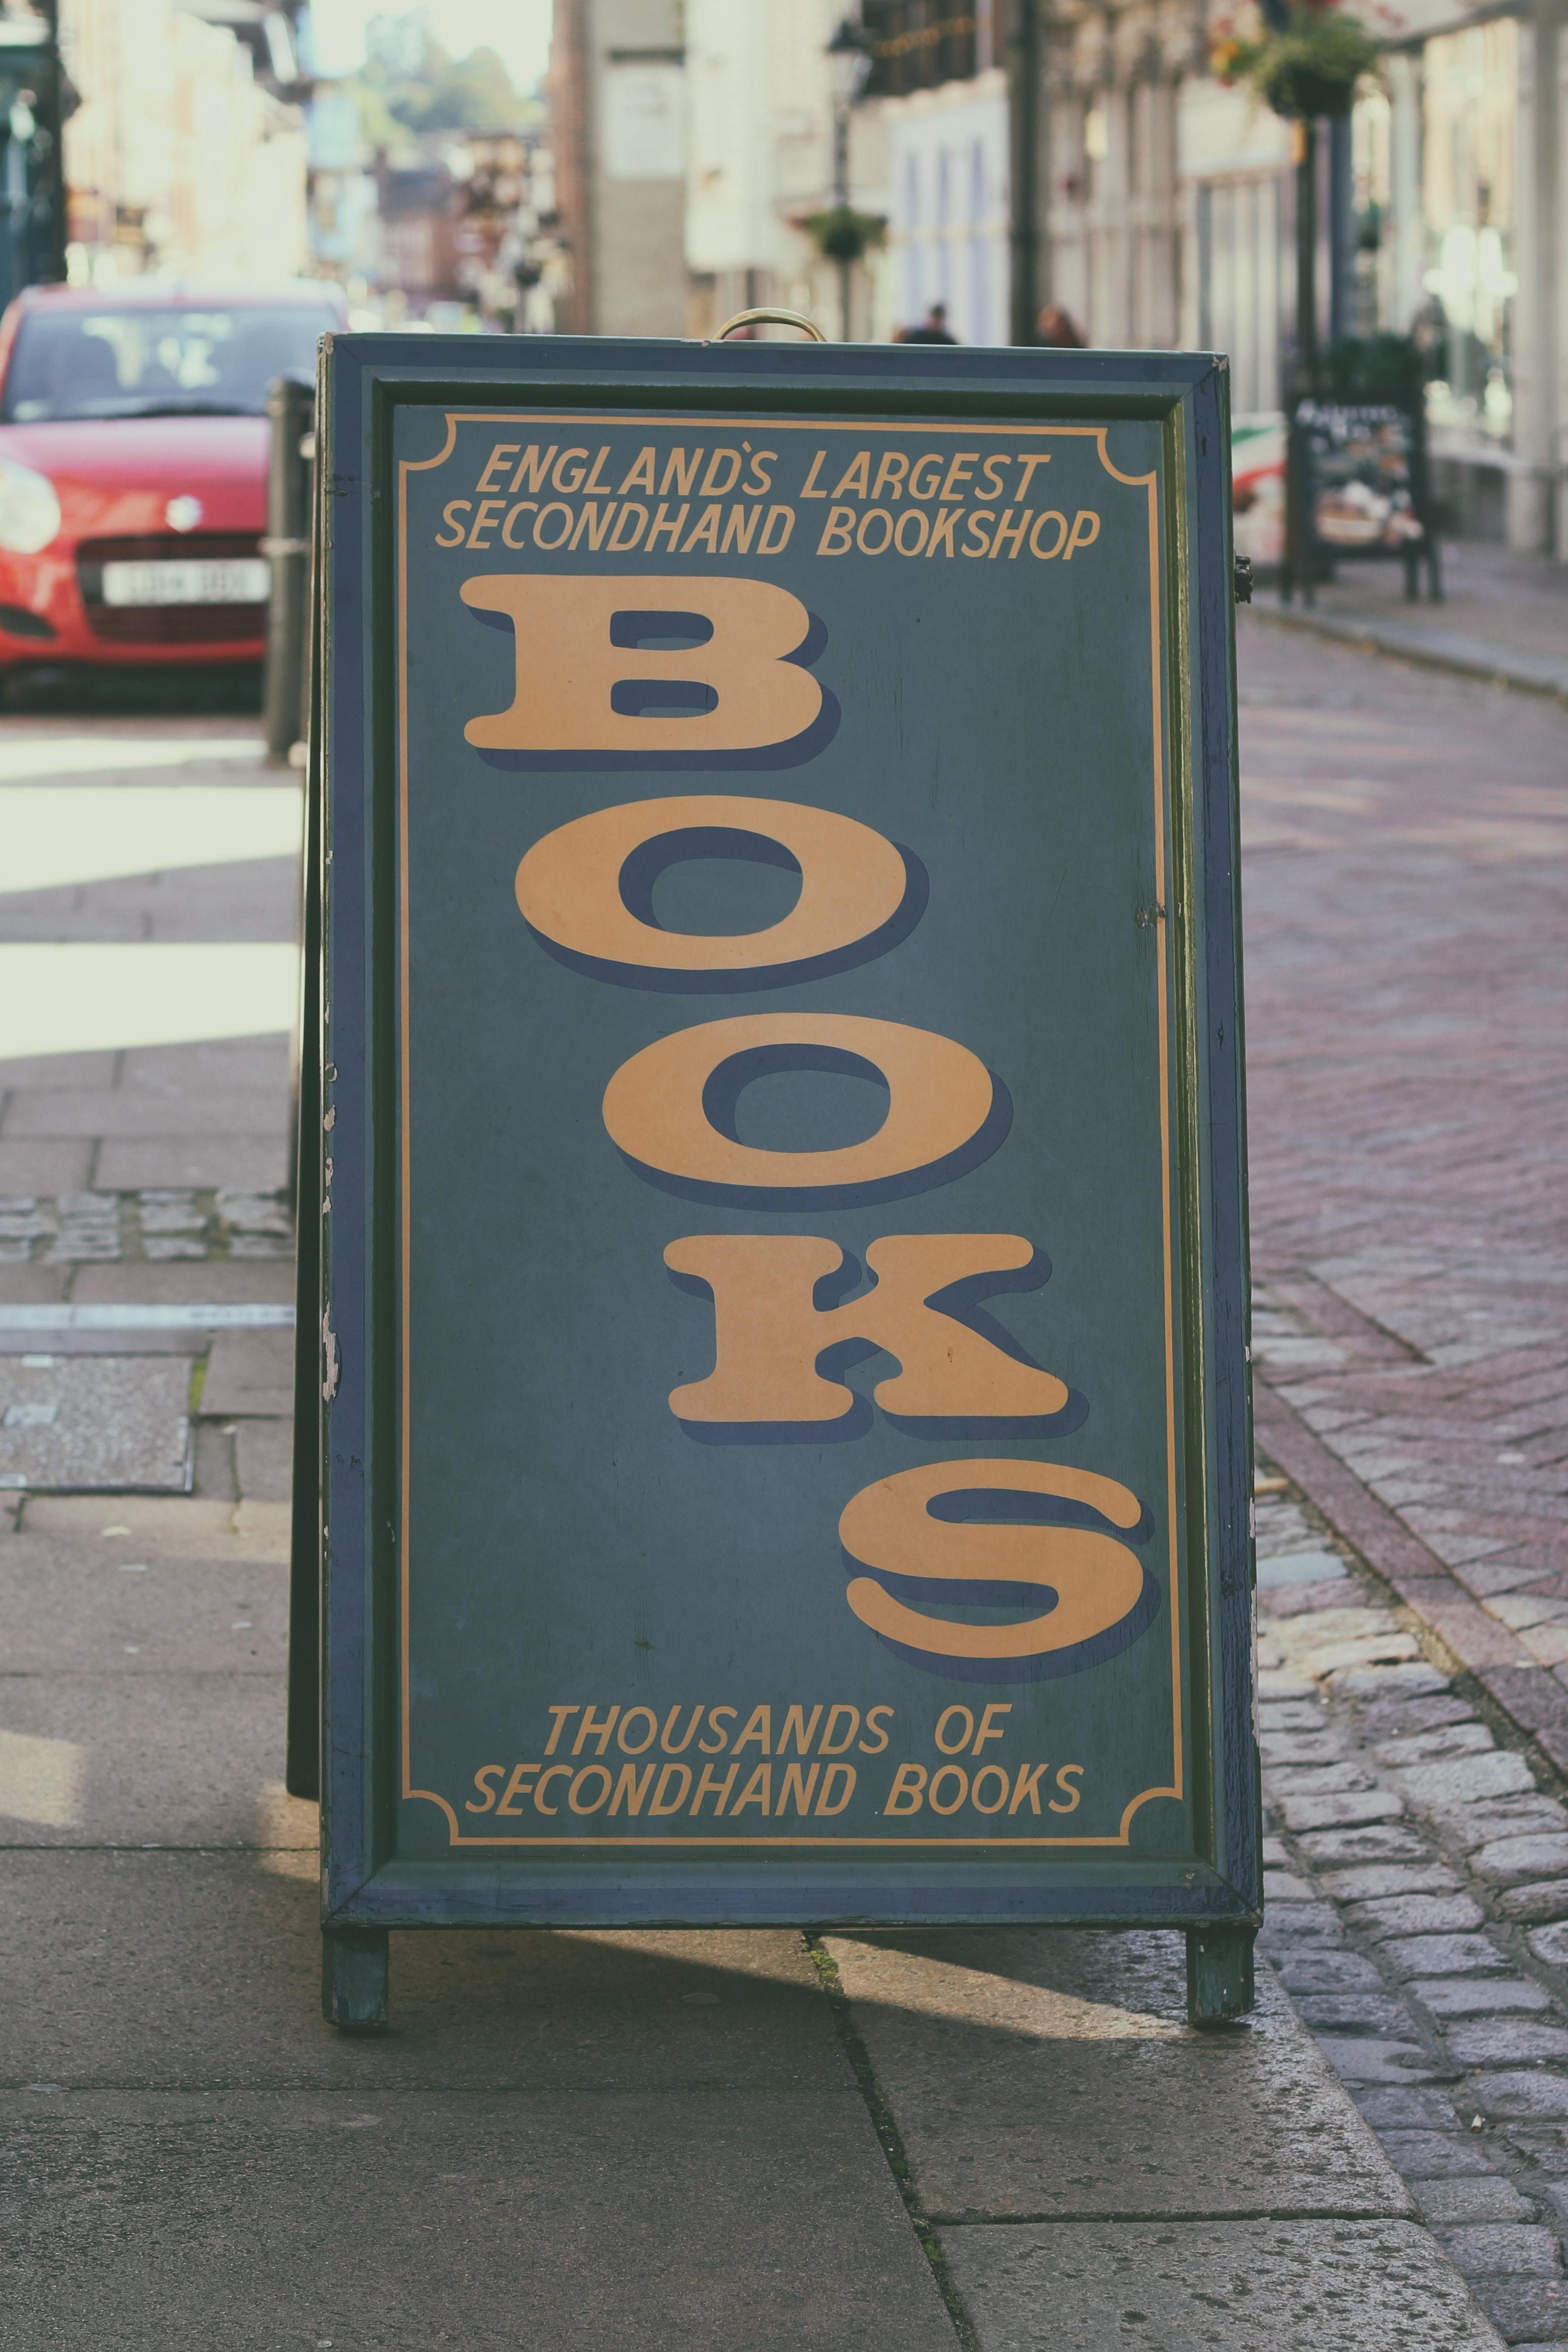 Books signage photo